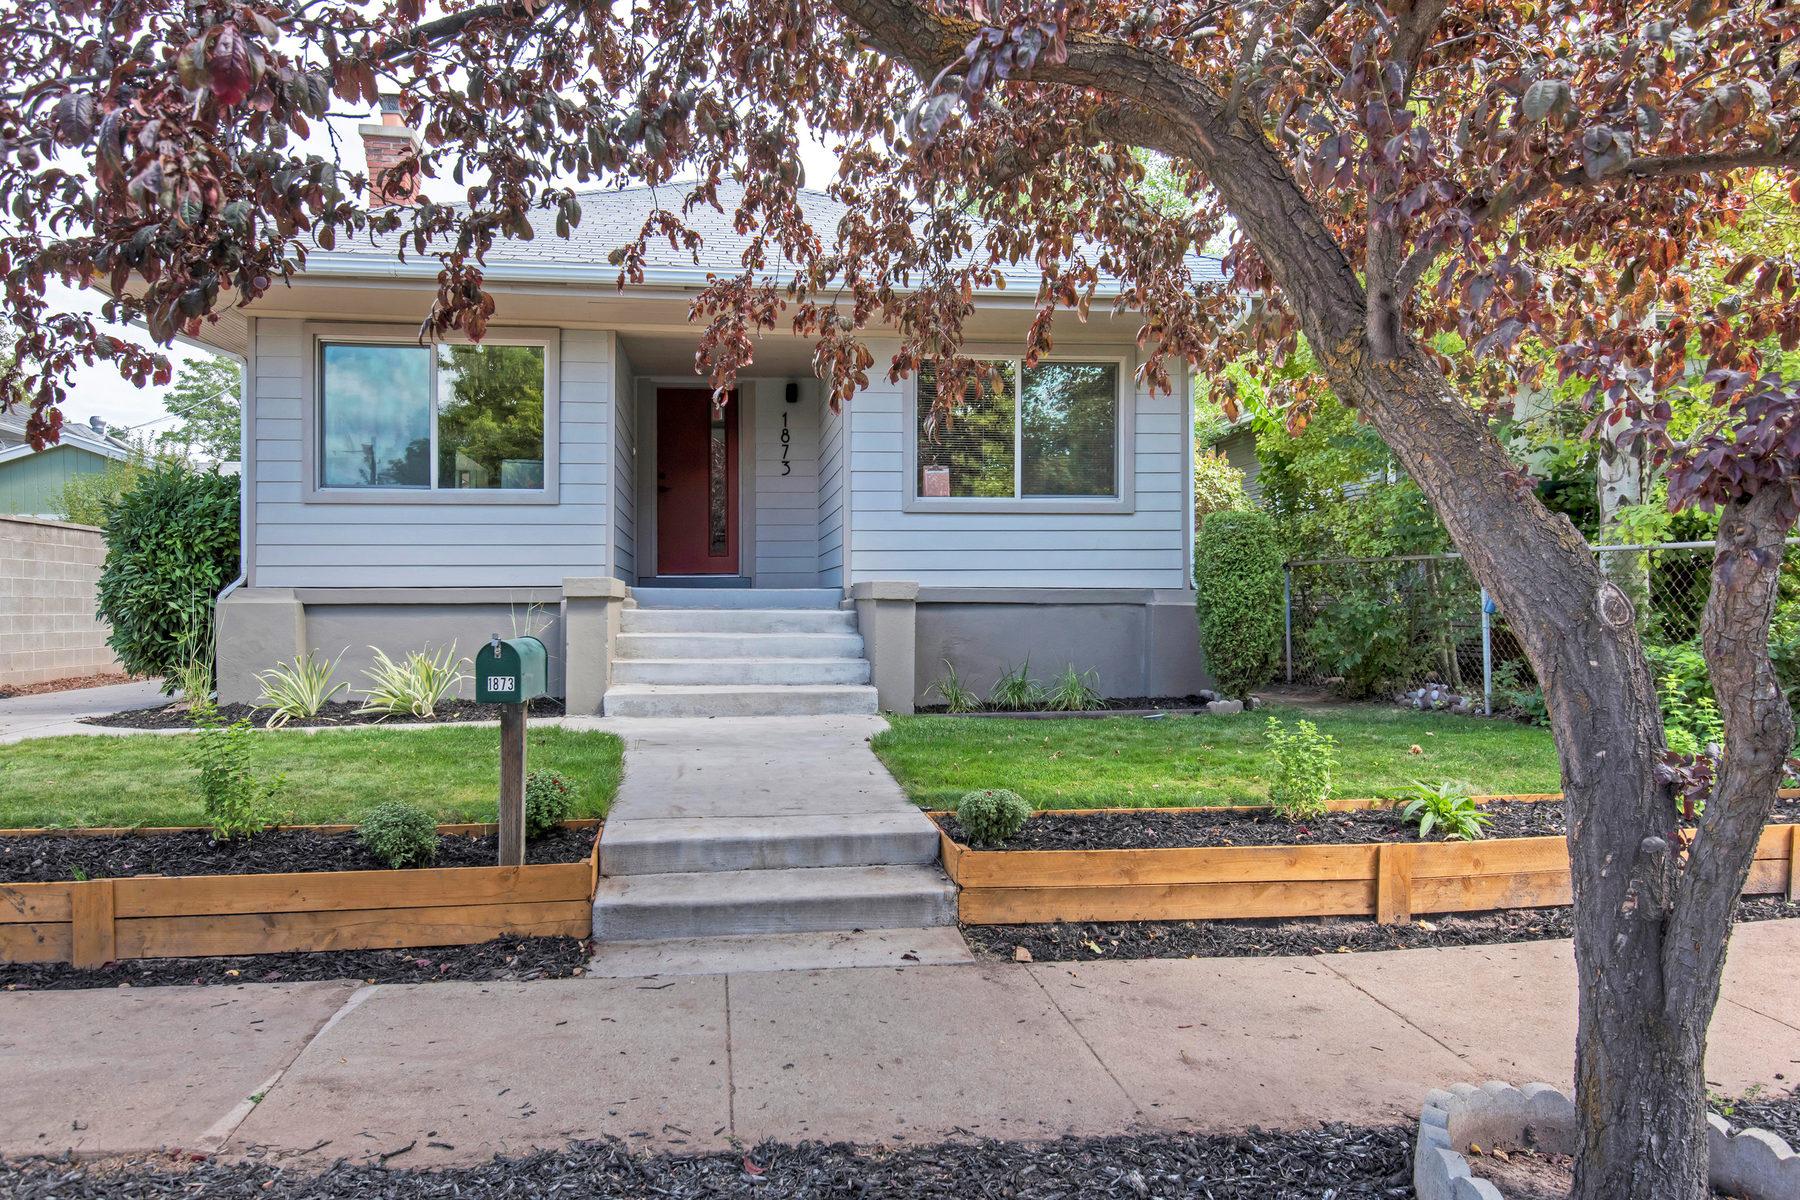 独户住宅 为 销售 在 Lovable on Lincoln 1873 S Lincoln St 盐湖城市, 犹他州, 84105 美国